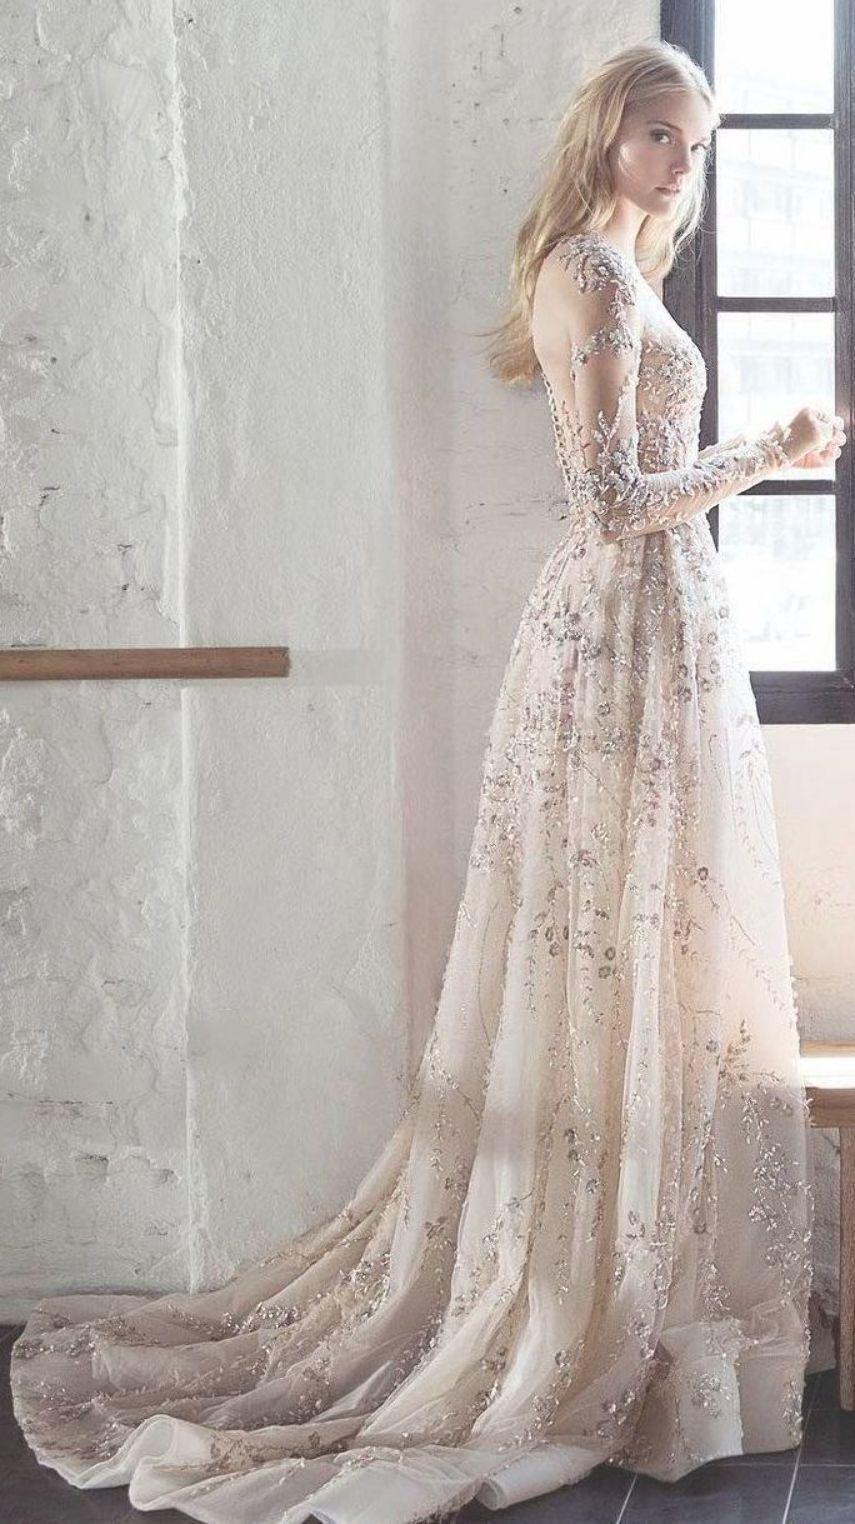 Tempting Wedding Dresses With Long Sleeves Fbartellcartwright Gaun Perkawinan Pakaian Pesta Model Pakaian